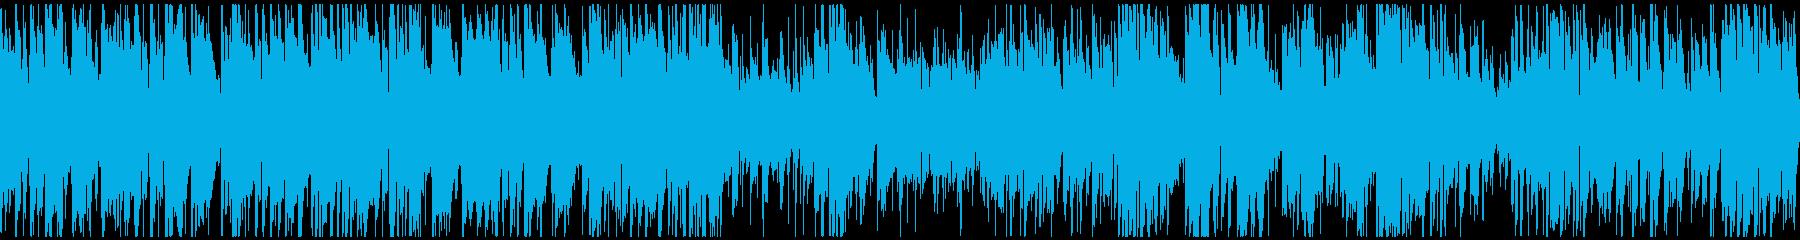 50年代風のジャズブルース ※ループ版の再生済みの波形